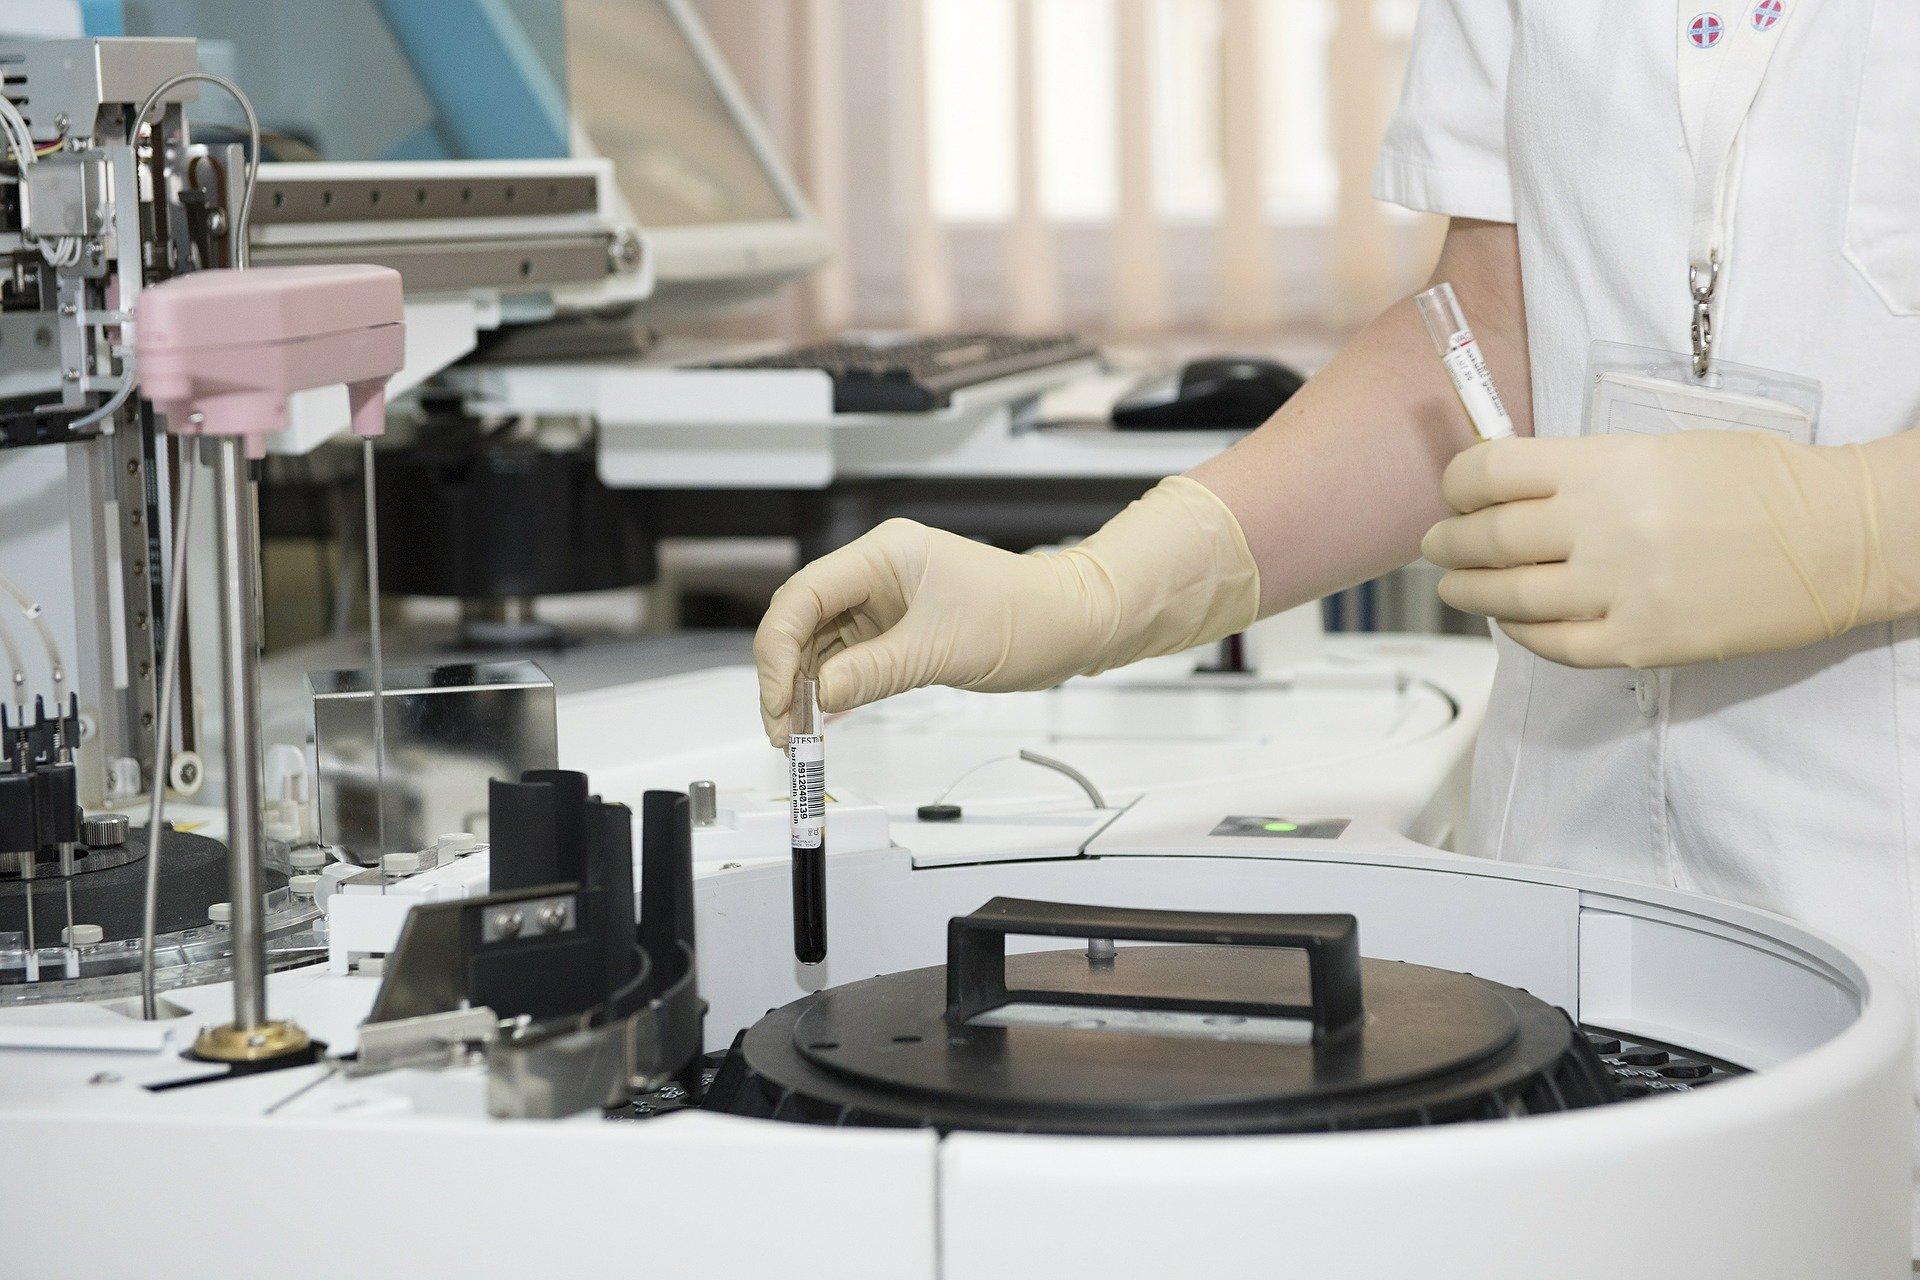 Öffnen Sie Medicare-Daten, die bei der Aufdeckung möglichen versteckten Kosten der Gesundheitsversorgung